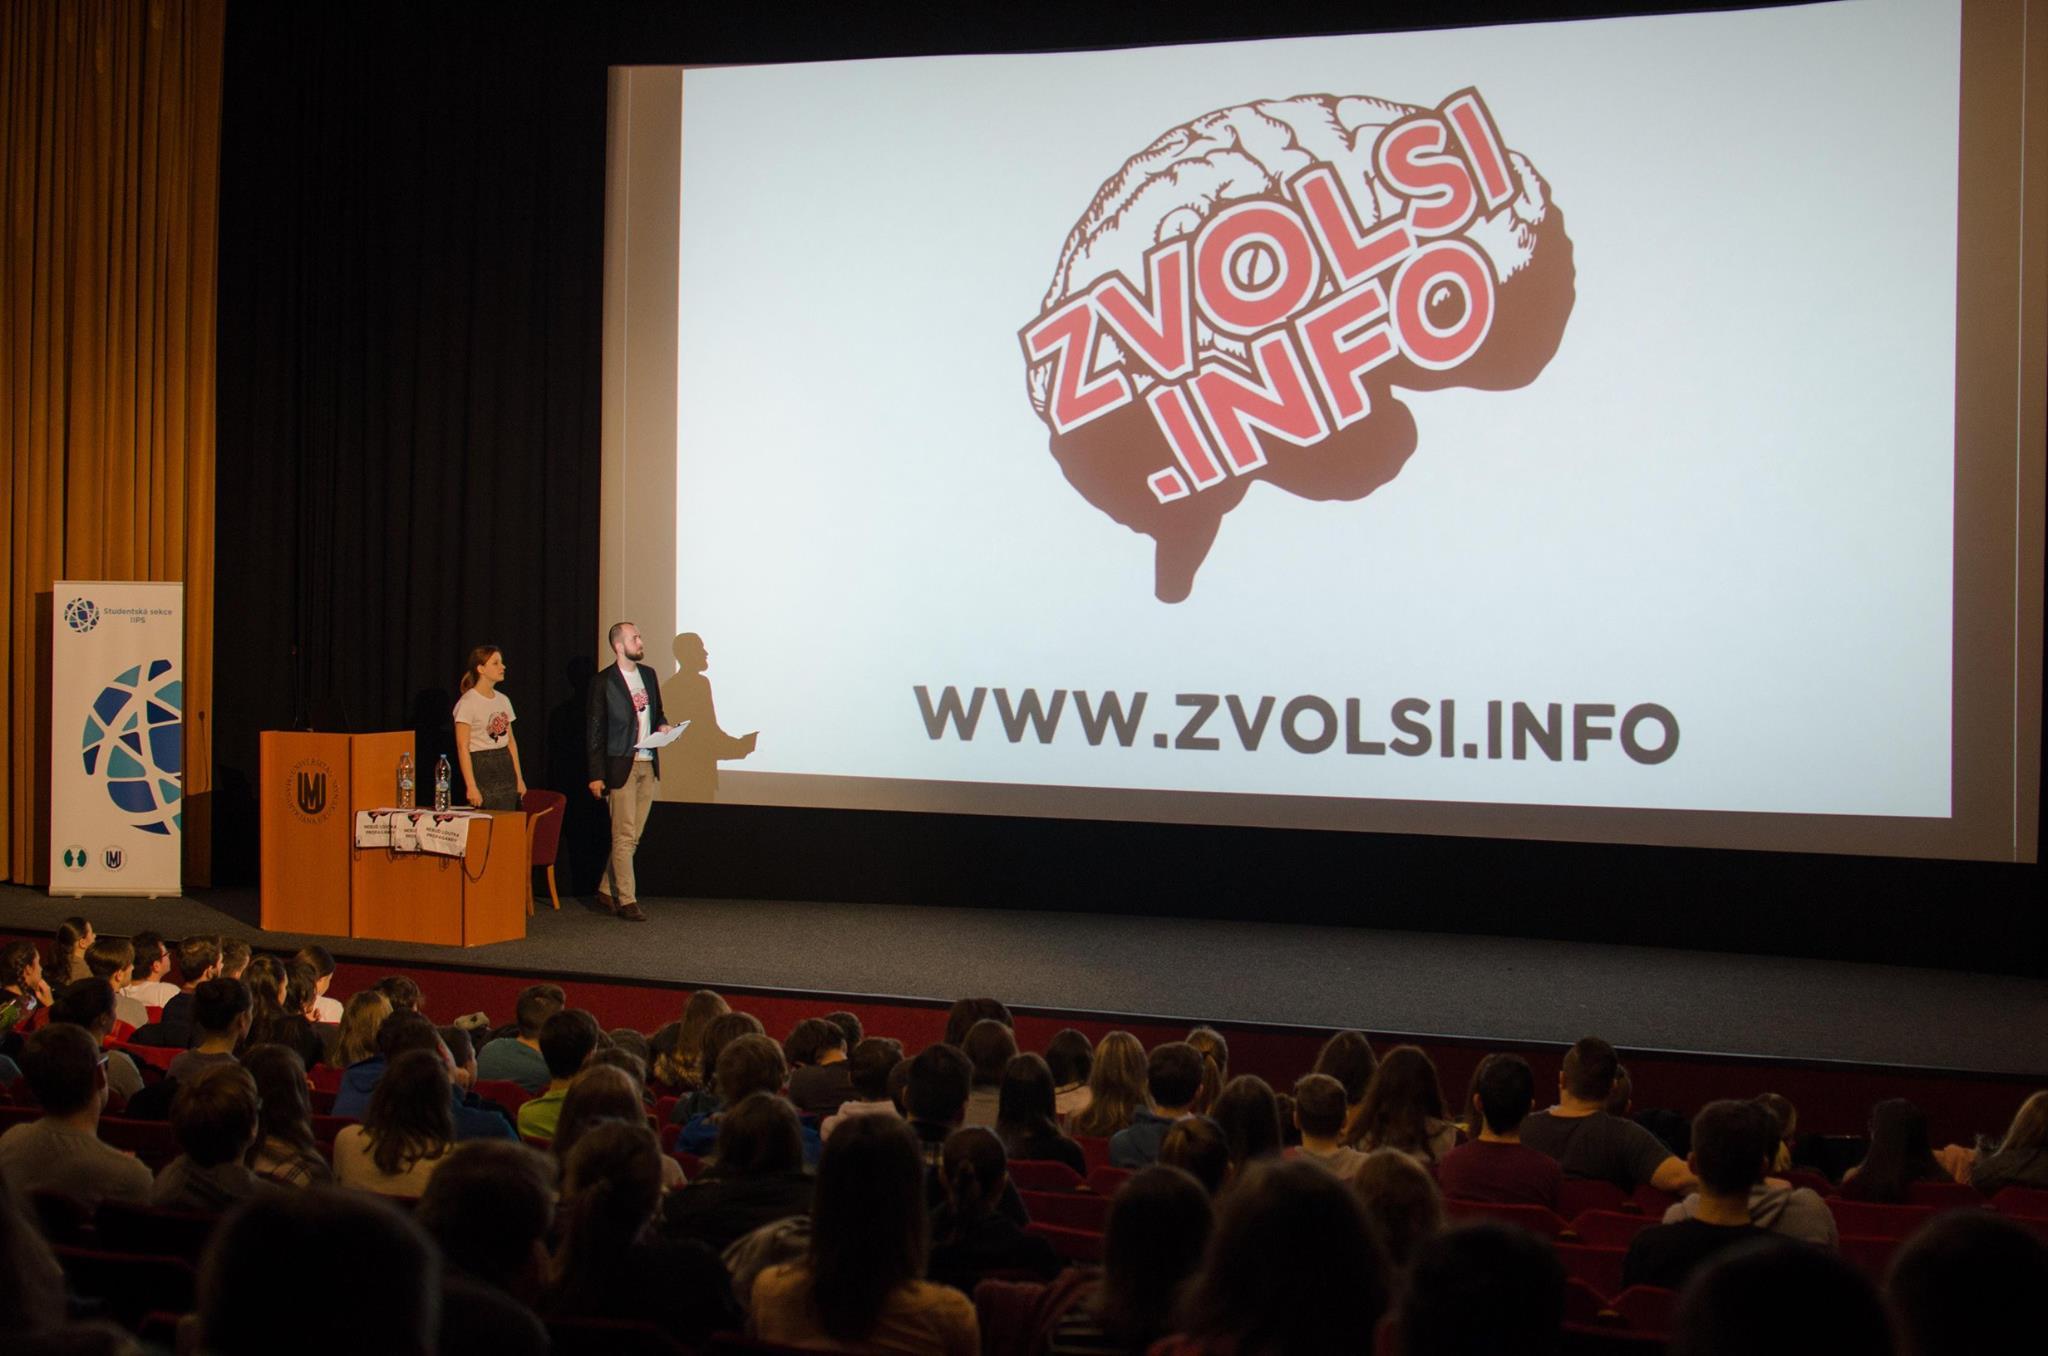 Zvol si info a nebuď loutka propagandy. Studenti radí středoškolákům, jak čelit dezinformacím